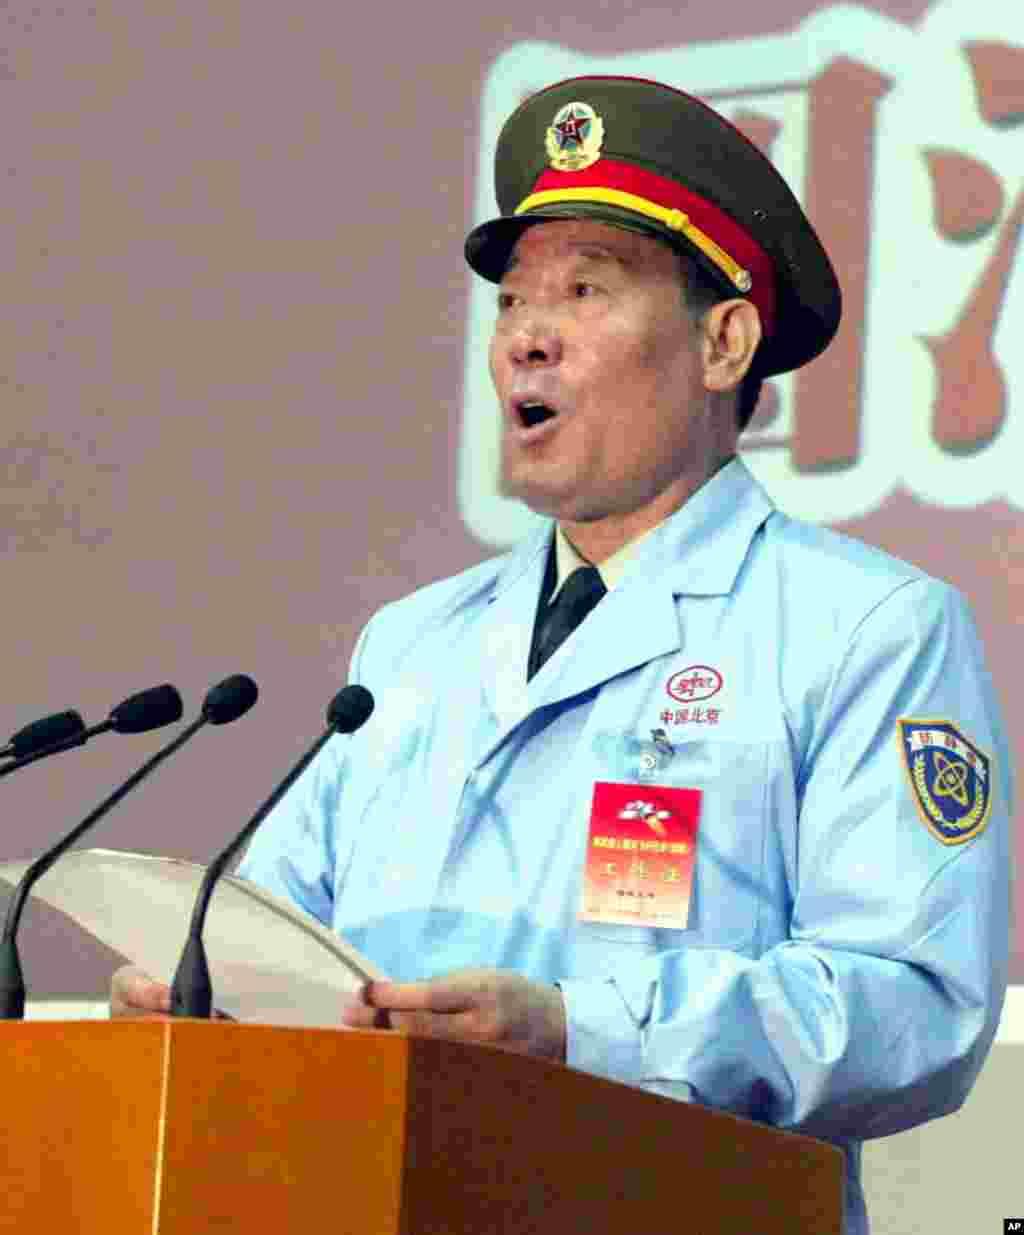 2003年10月16日,中国神舟五号返回后, 中国载人航天工程总指挥、军队总装备部部长李继耐上将发表讲话。李继耐后来接替徐才厚担任军队总政治部主任,是张阳的前任。有人说张阳自杀是为了保护李继耐等人。 2016年8月5日, 被阿里巴巴集团买下的香港南华早报报道熟悉中共军方者的消息说,74岁的李继耐和前总后勤部部长廖锡龙上将在7月被带走,但不清楚是本身被调查,还是对其他调查提供协助。但是后来李继耐上将和前总后勤部部长廖锡龙上将都穿军装出席了高层国庆招待会,中央电视台新闻联播有镜头。